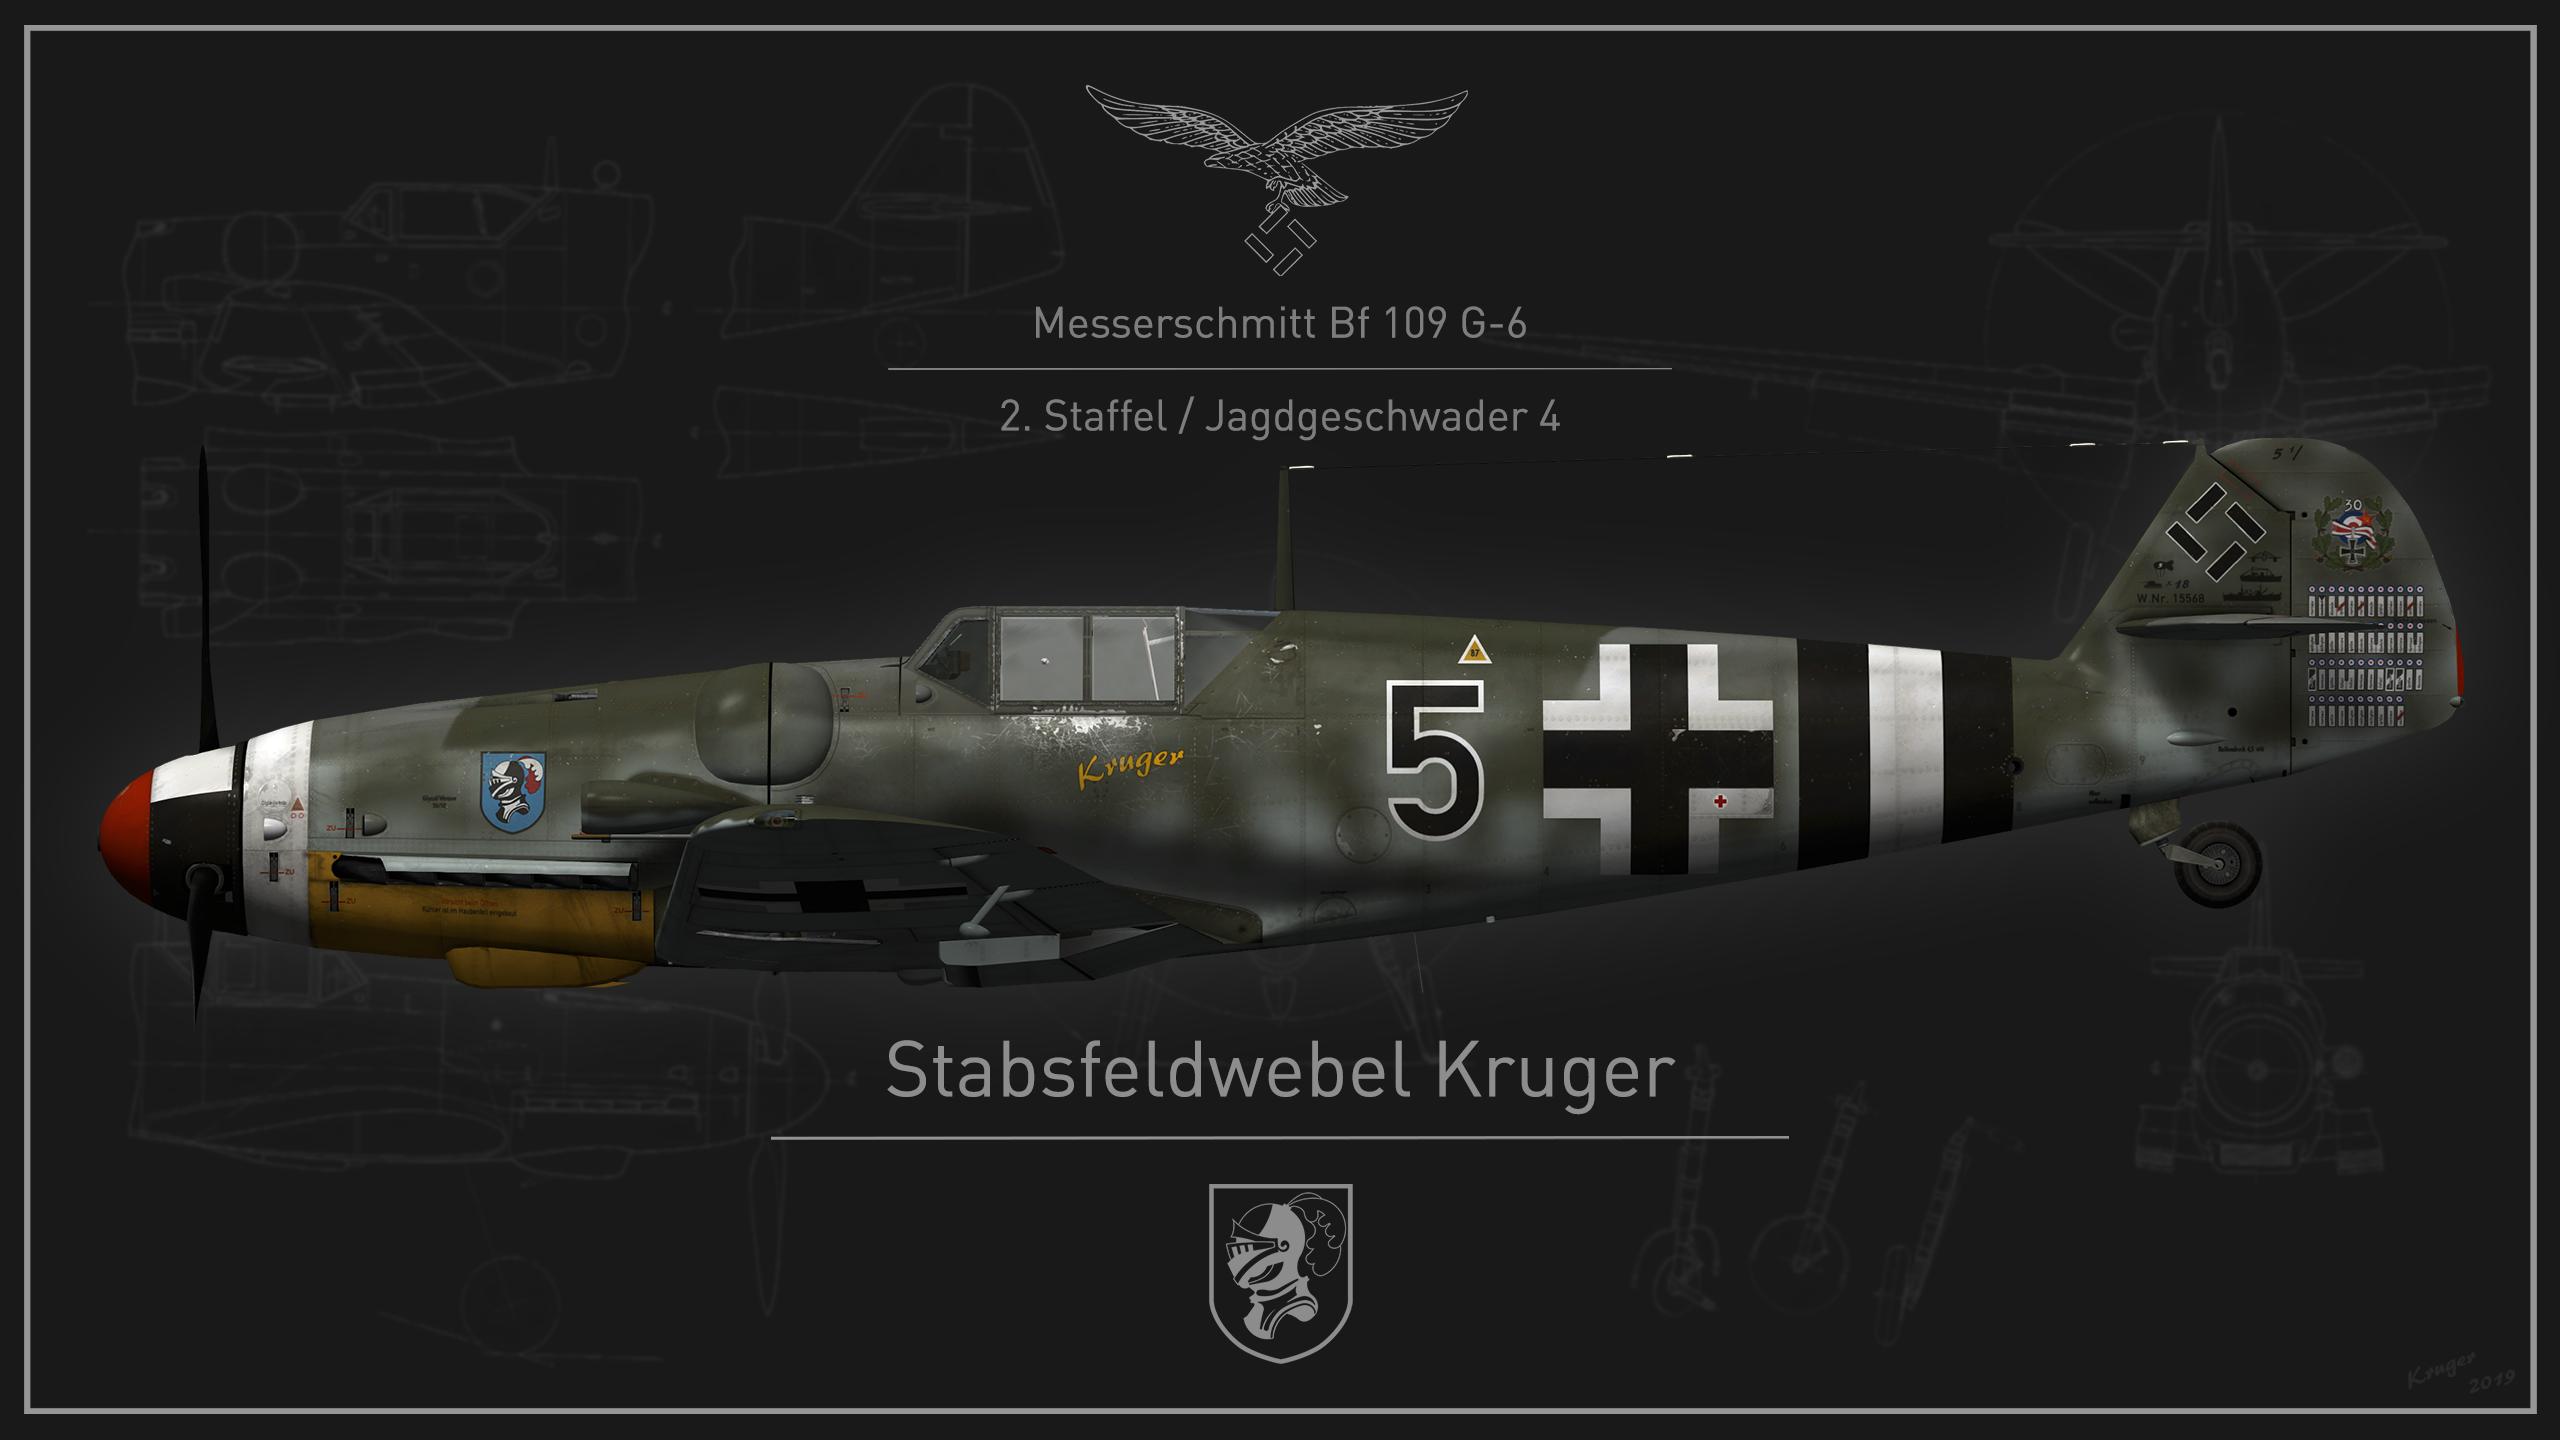 Kruger-2560x1440.png